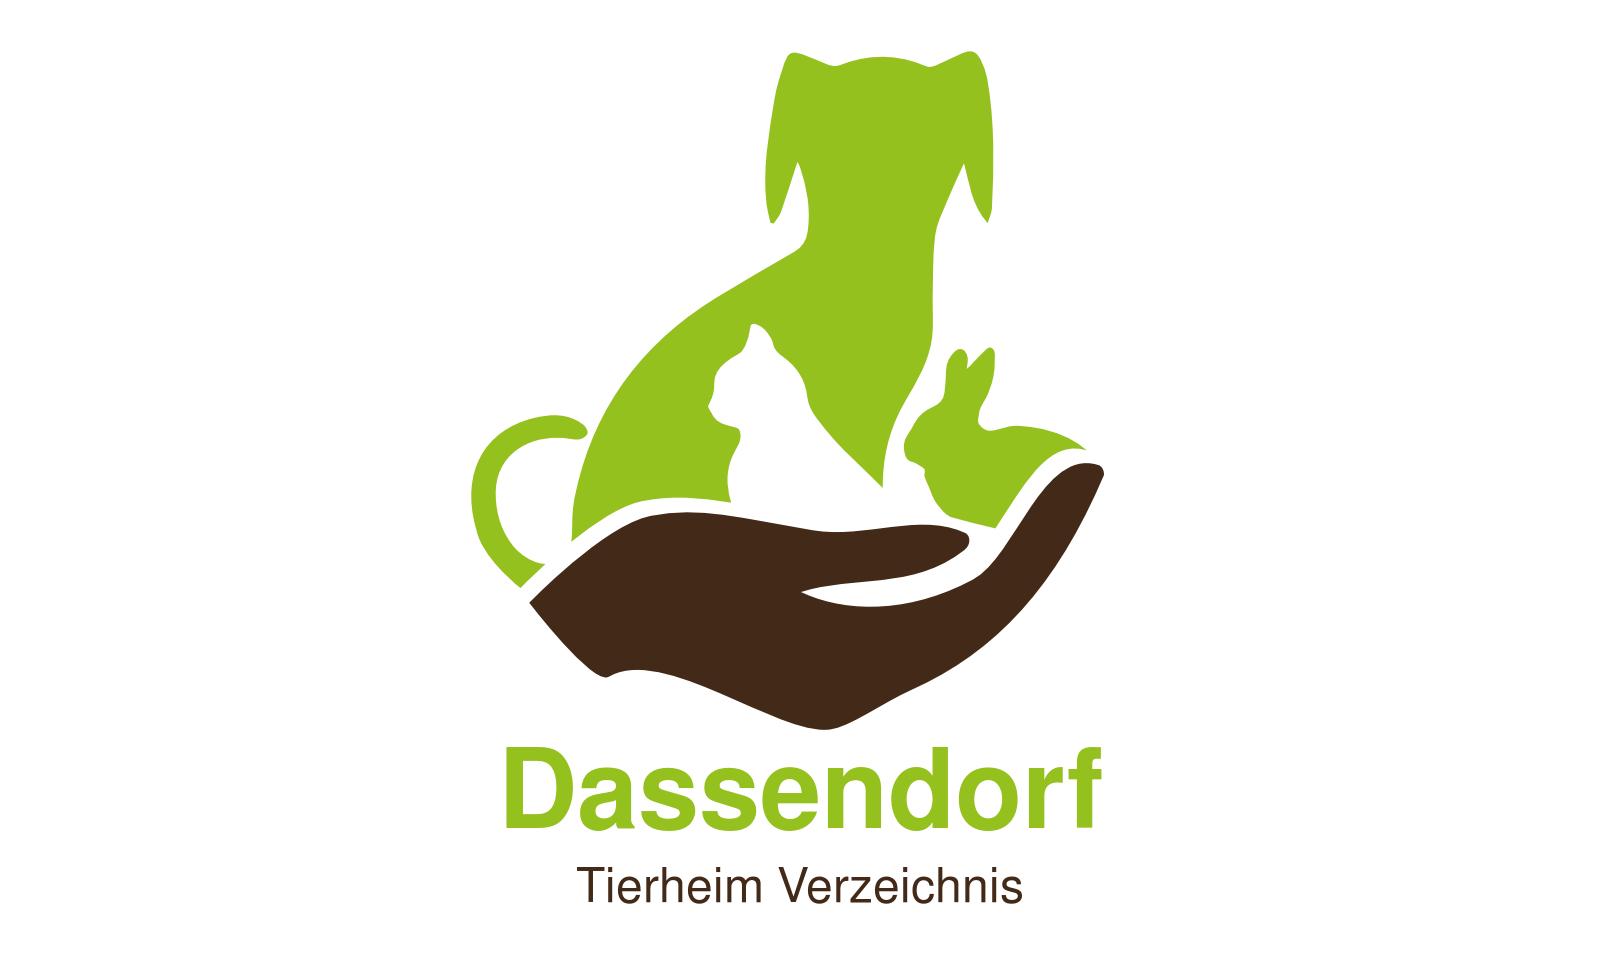 Tierheim Dassendorf